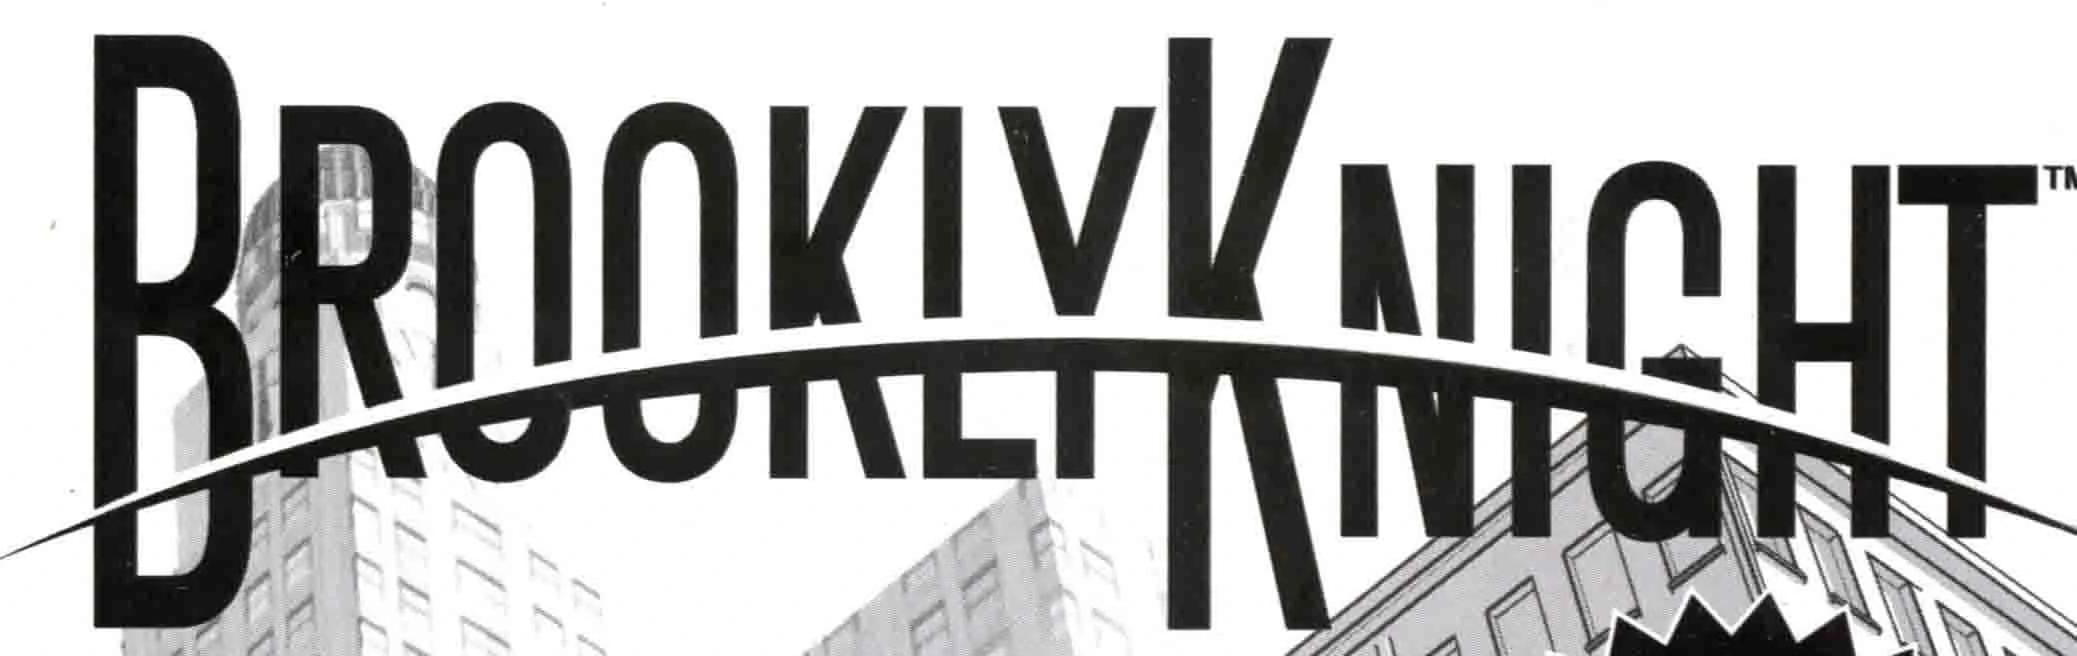 BrooklyKnight Vol 1